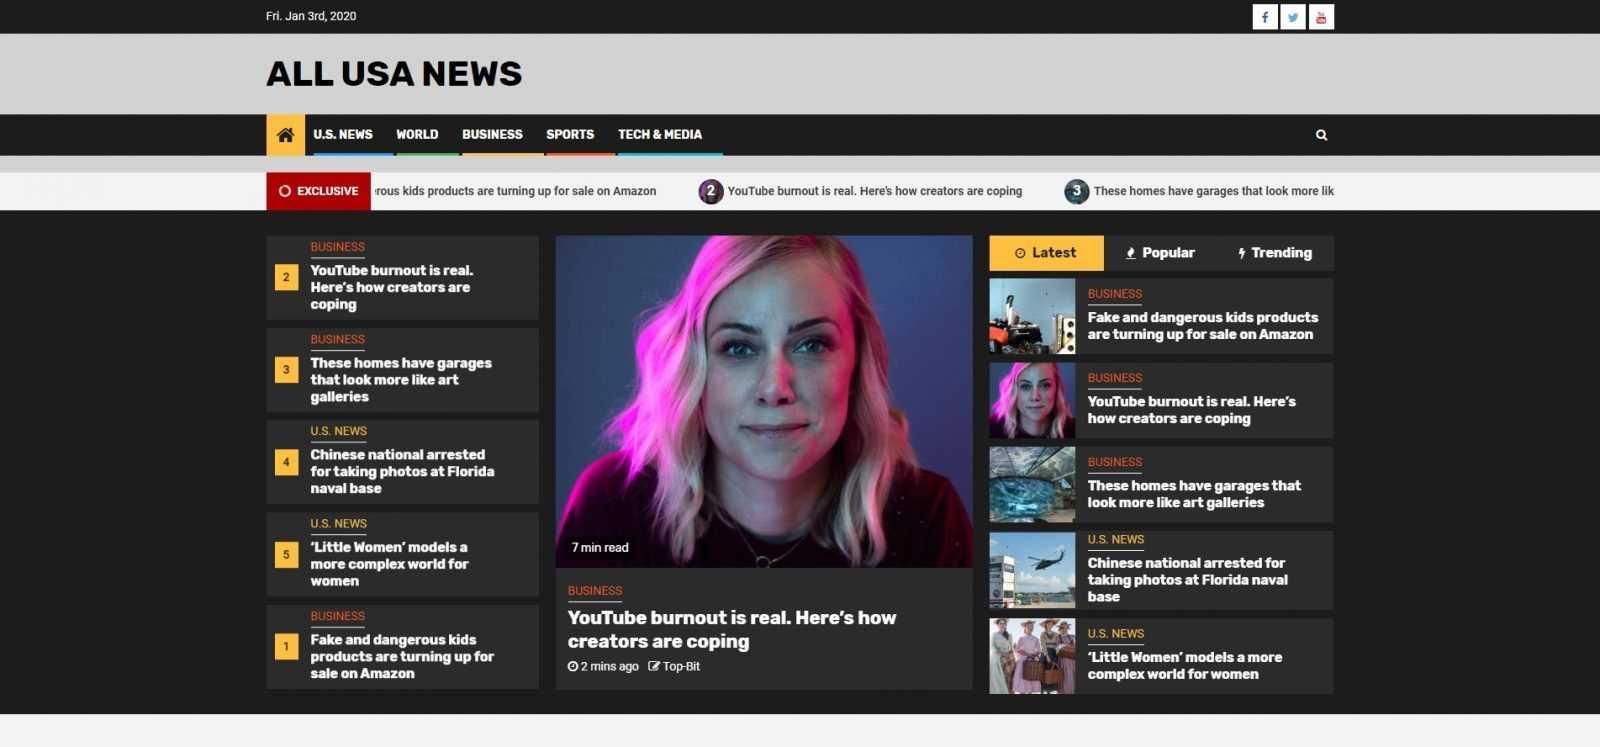 Главная страница сайта Новости США